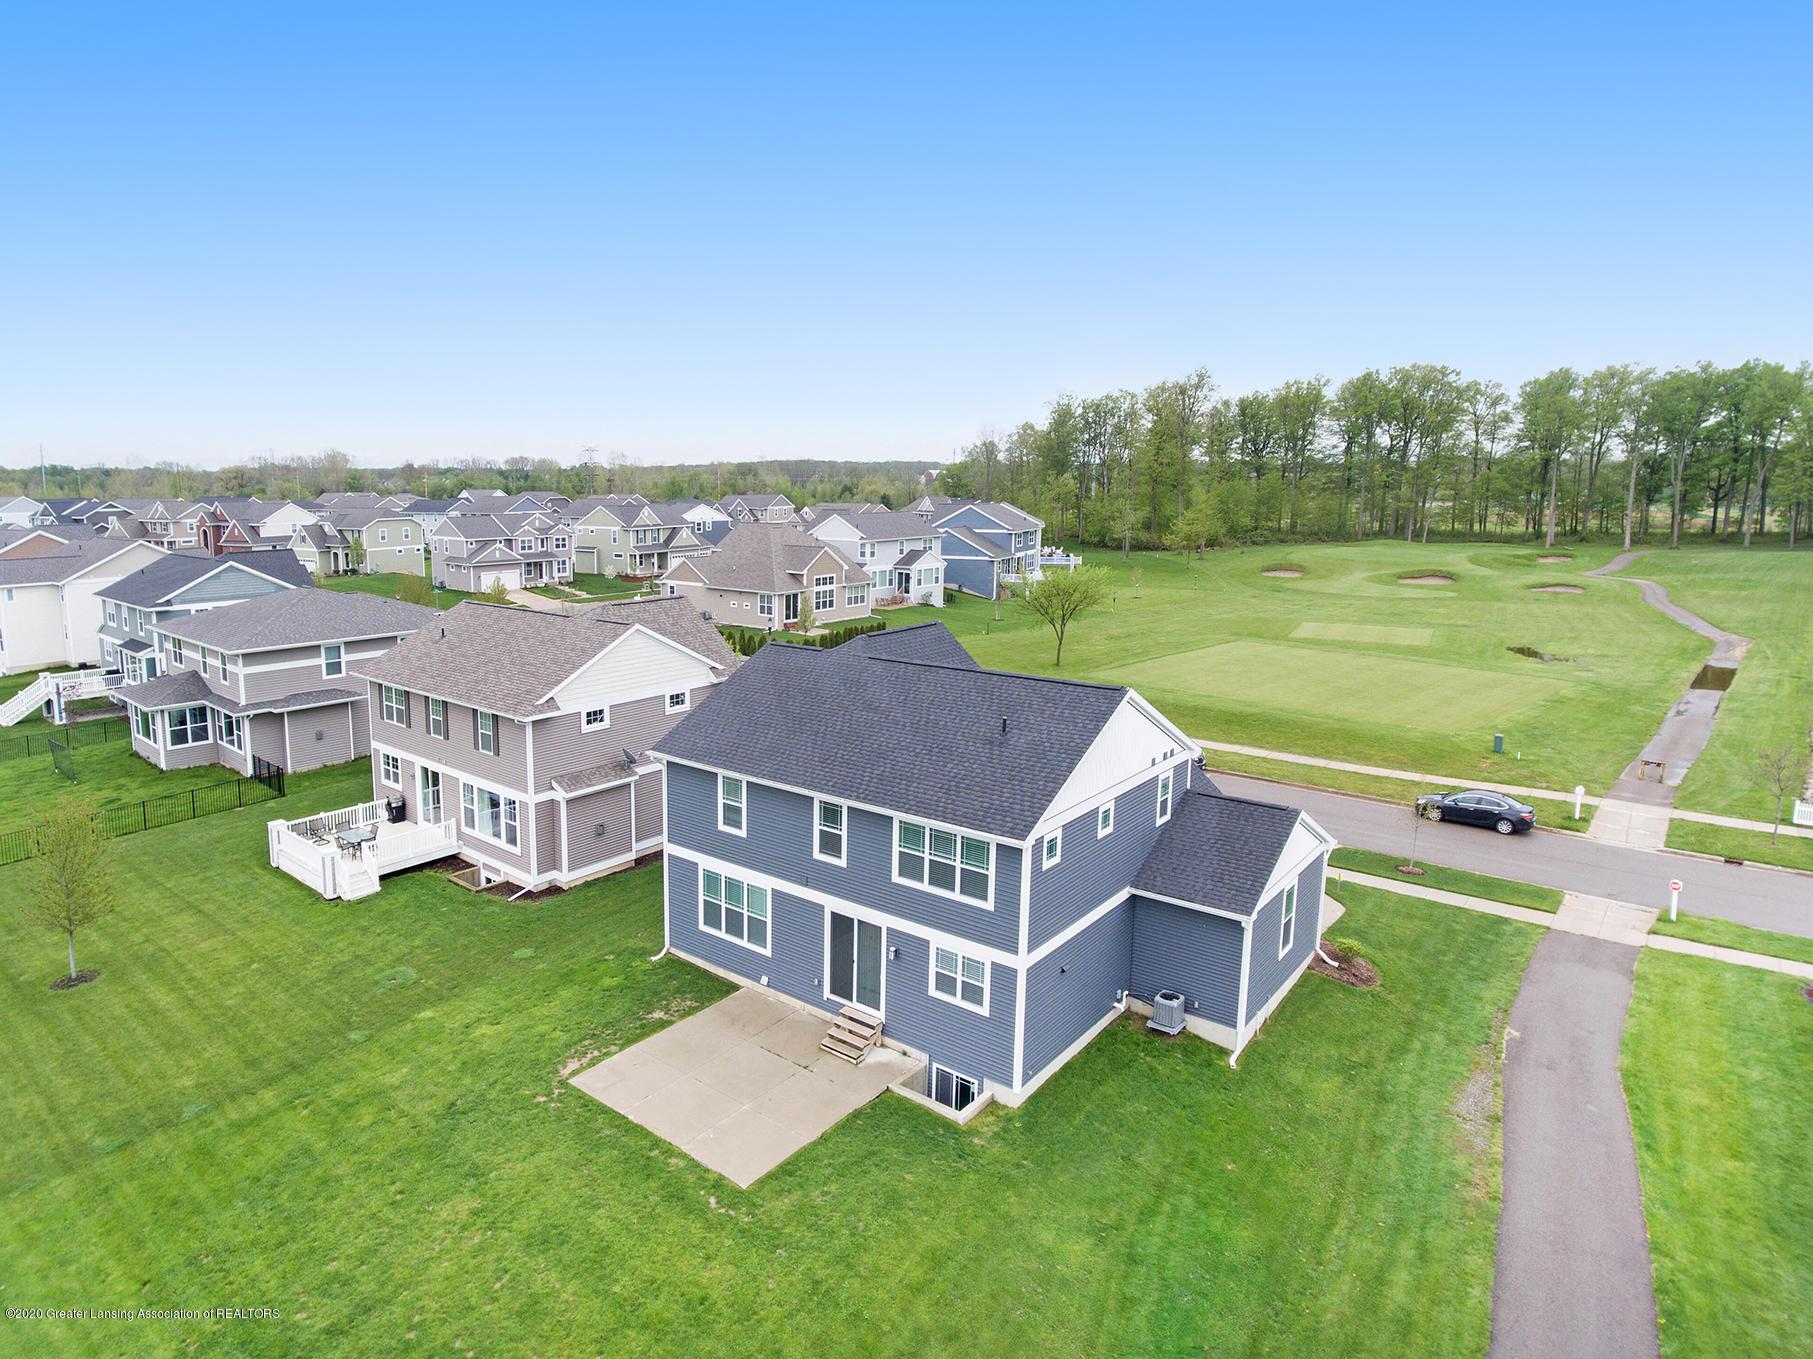 2818 Kittansett Dr - Aerial View - 63